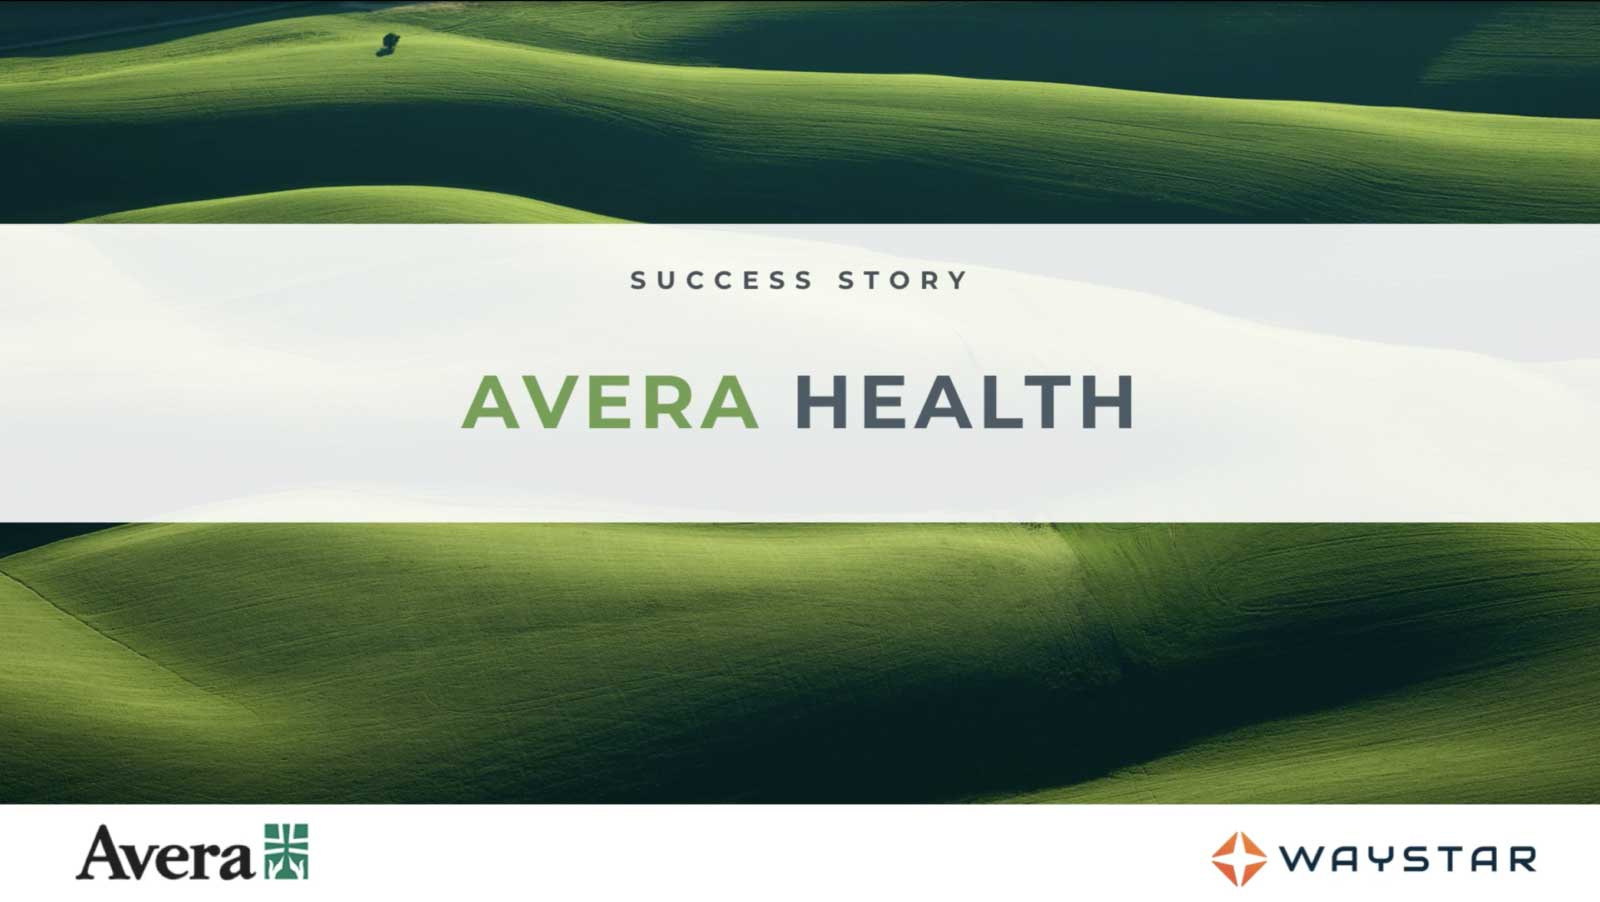 Avera Health Success Story